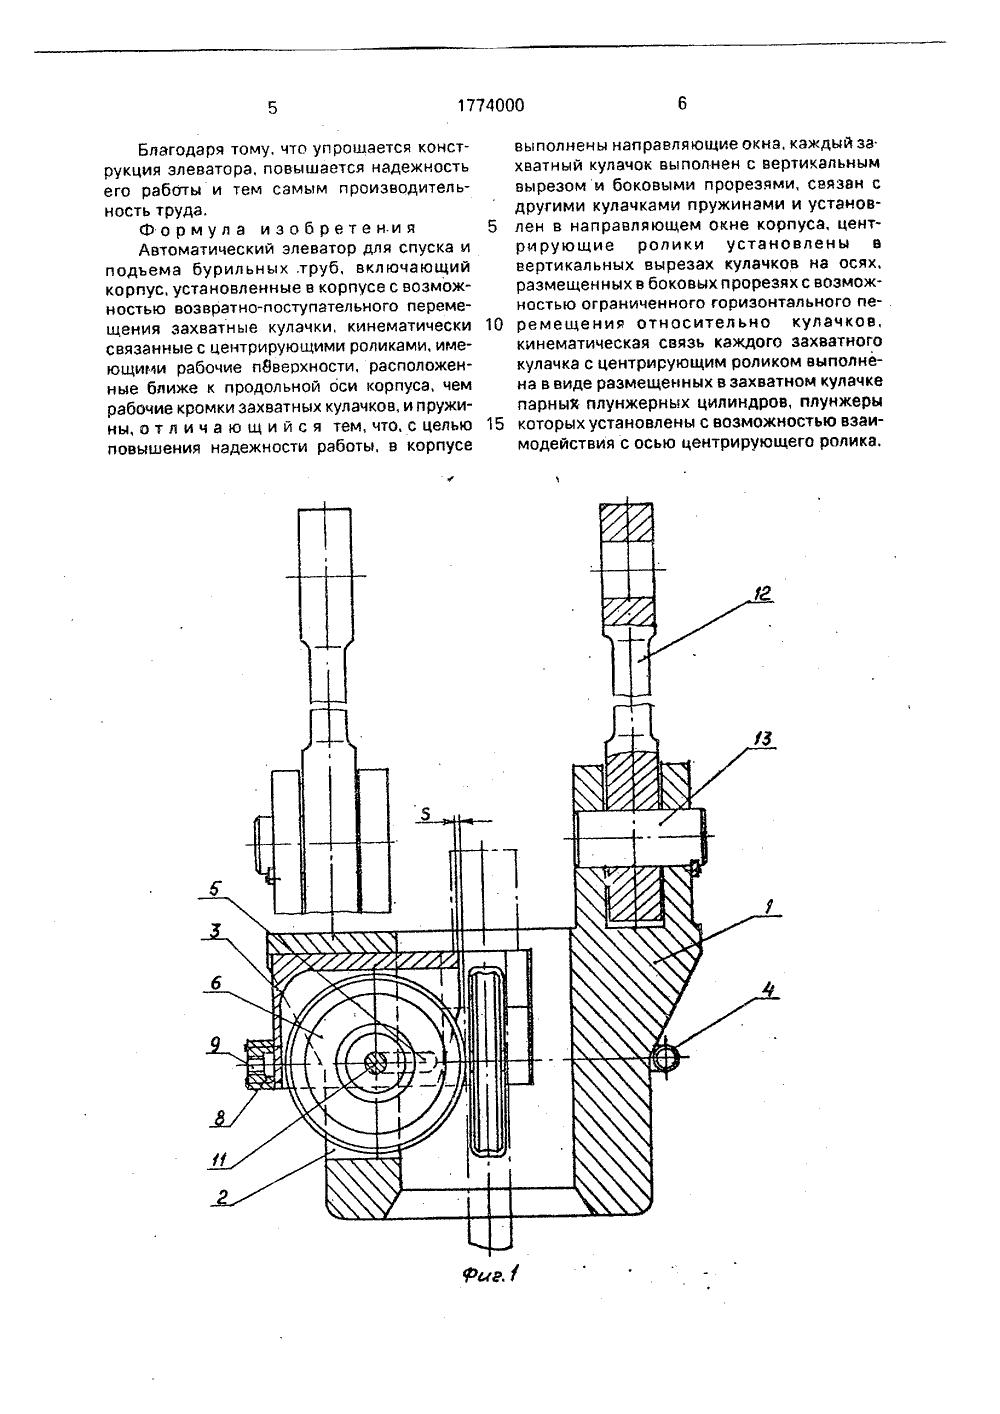 Элеваторы для спуска труб виды цепных транспортеров